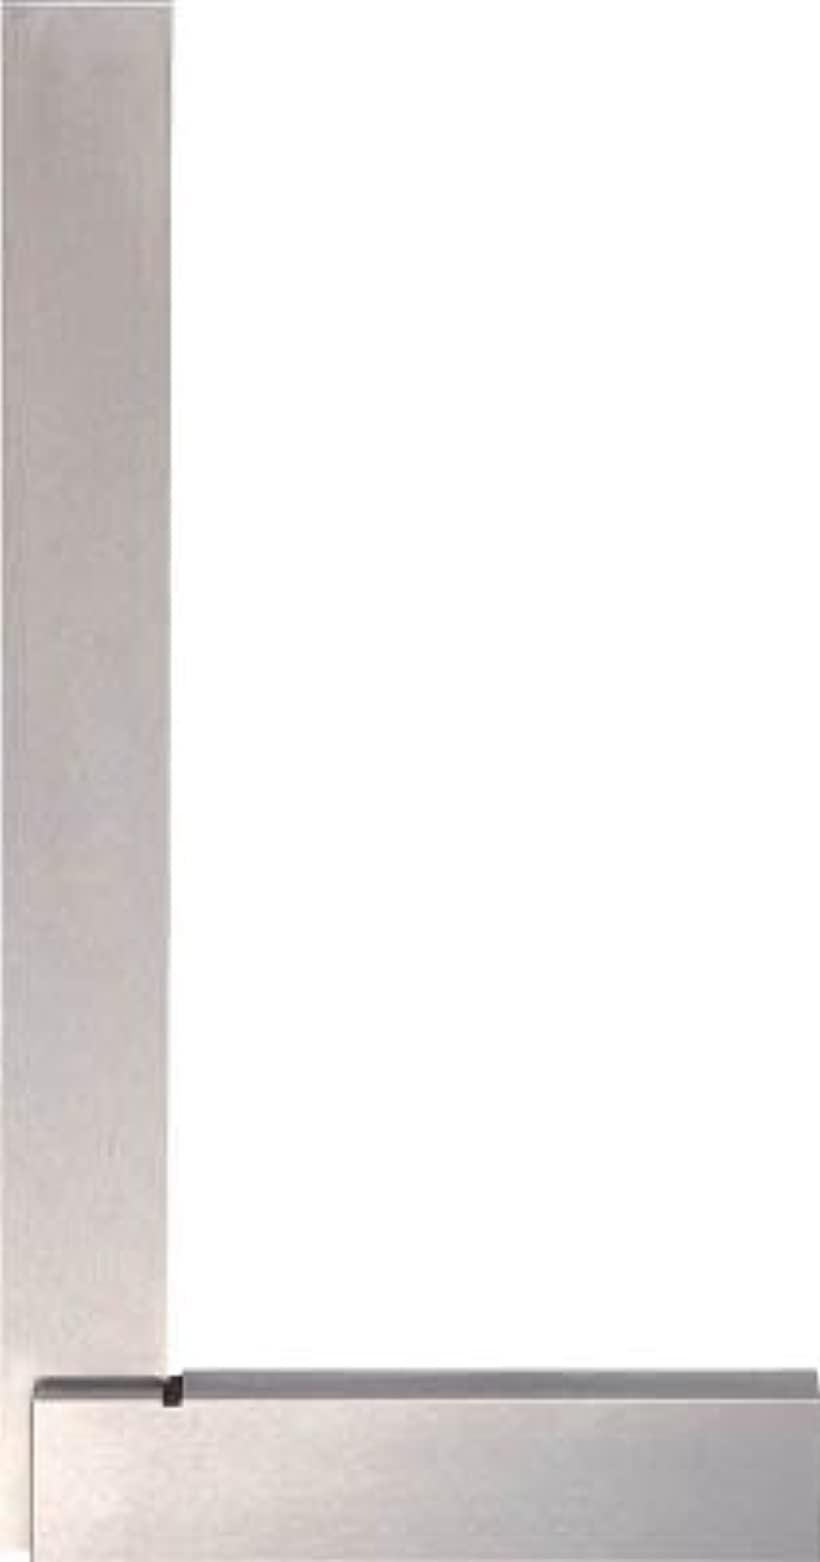 台付スコヤー500mm ULA500(竿長×台長(mm): 500×255)